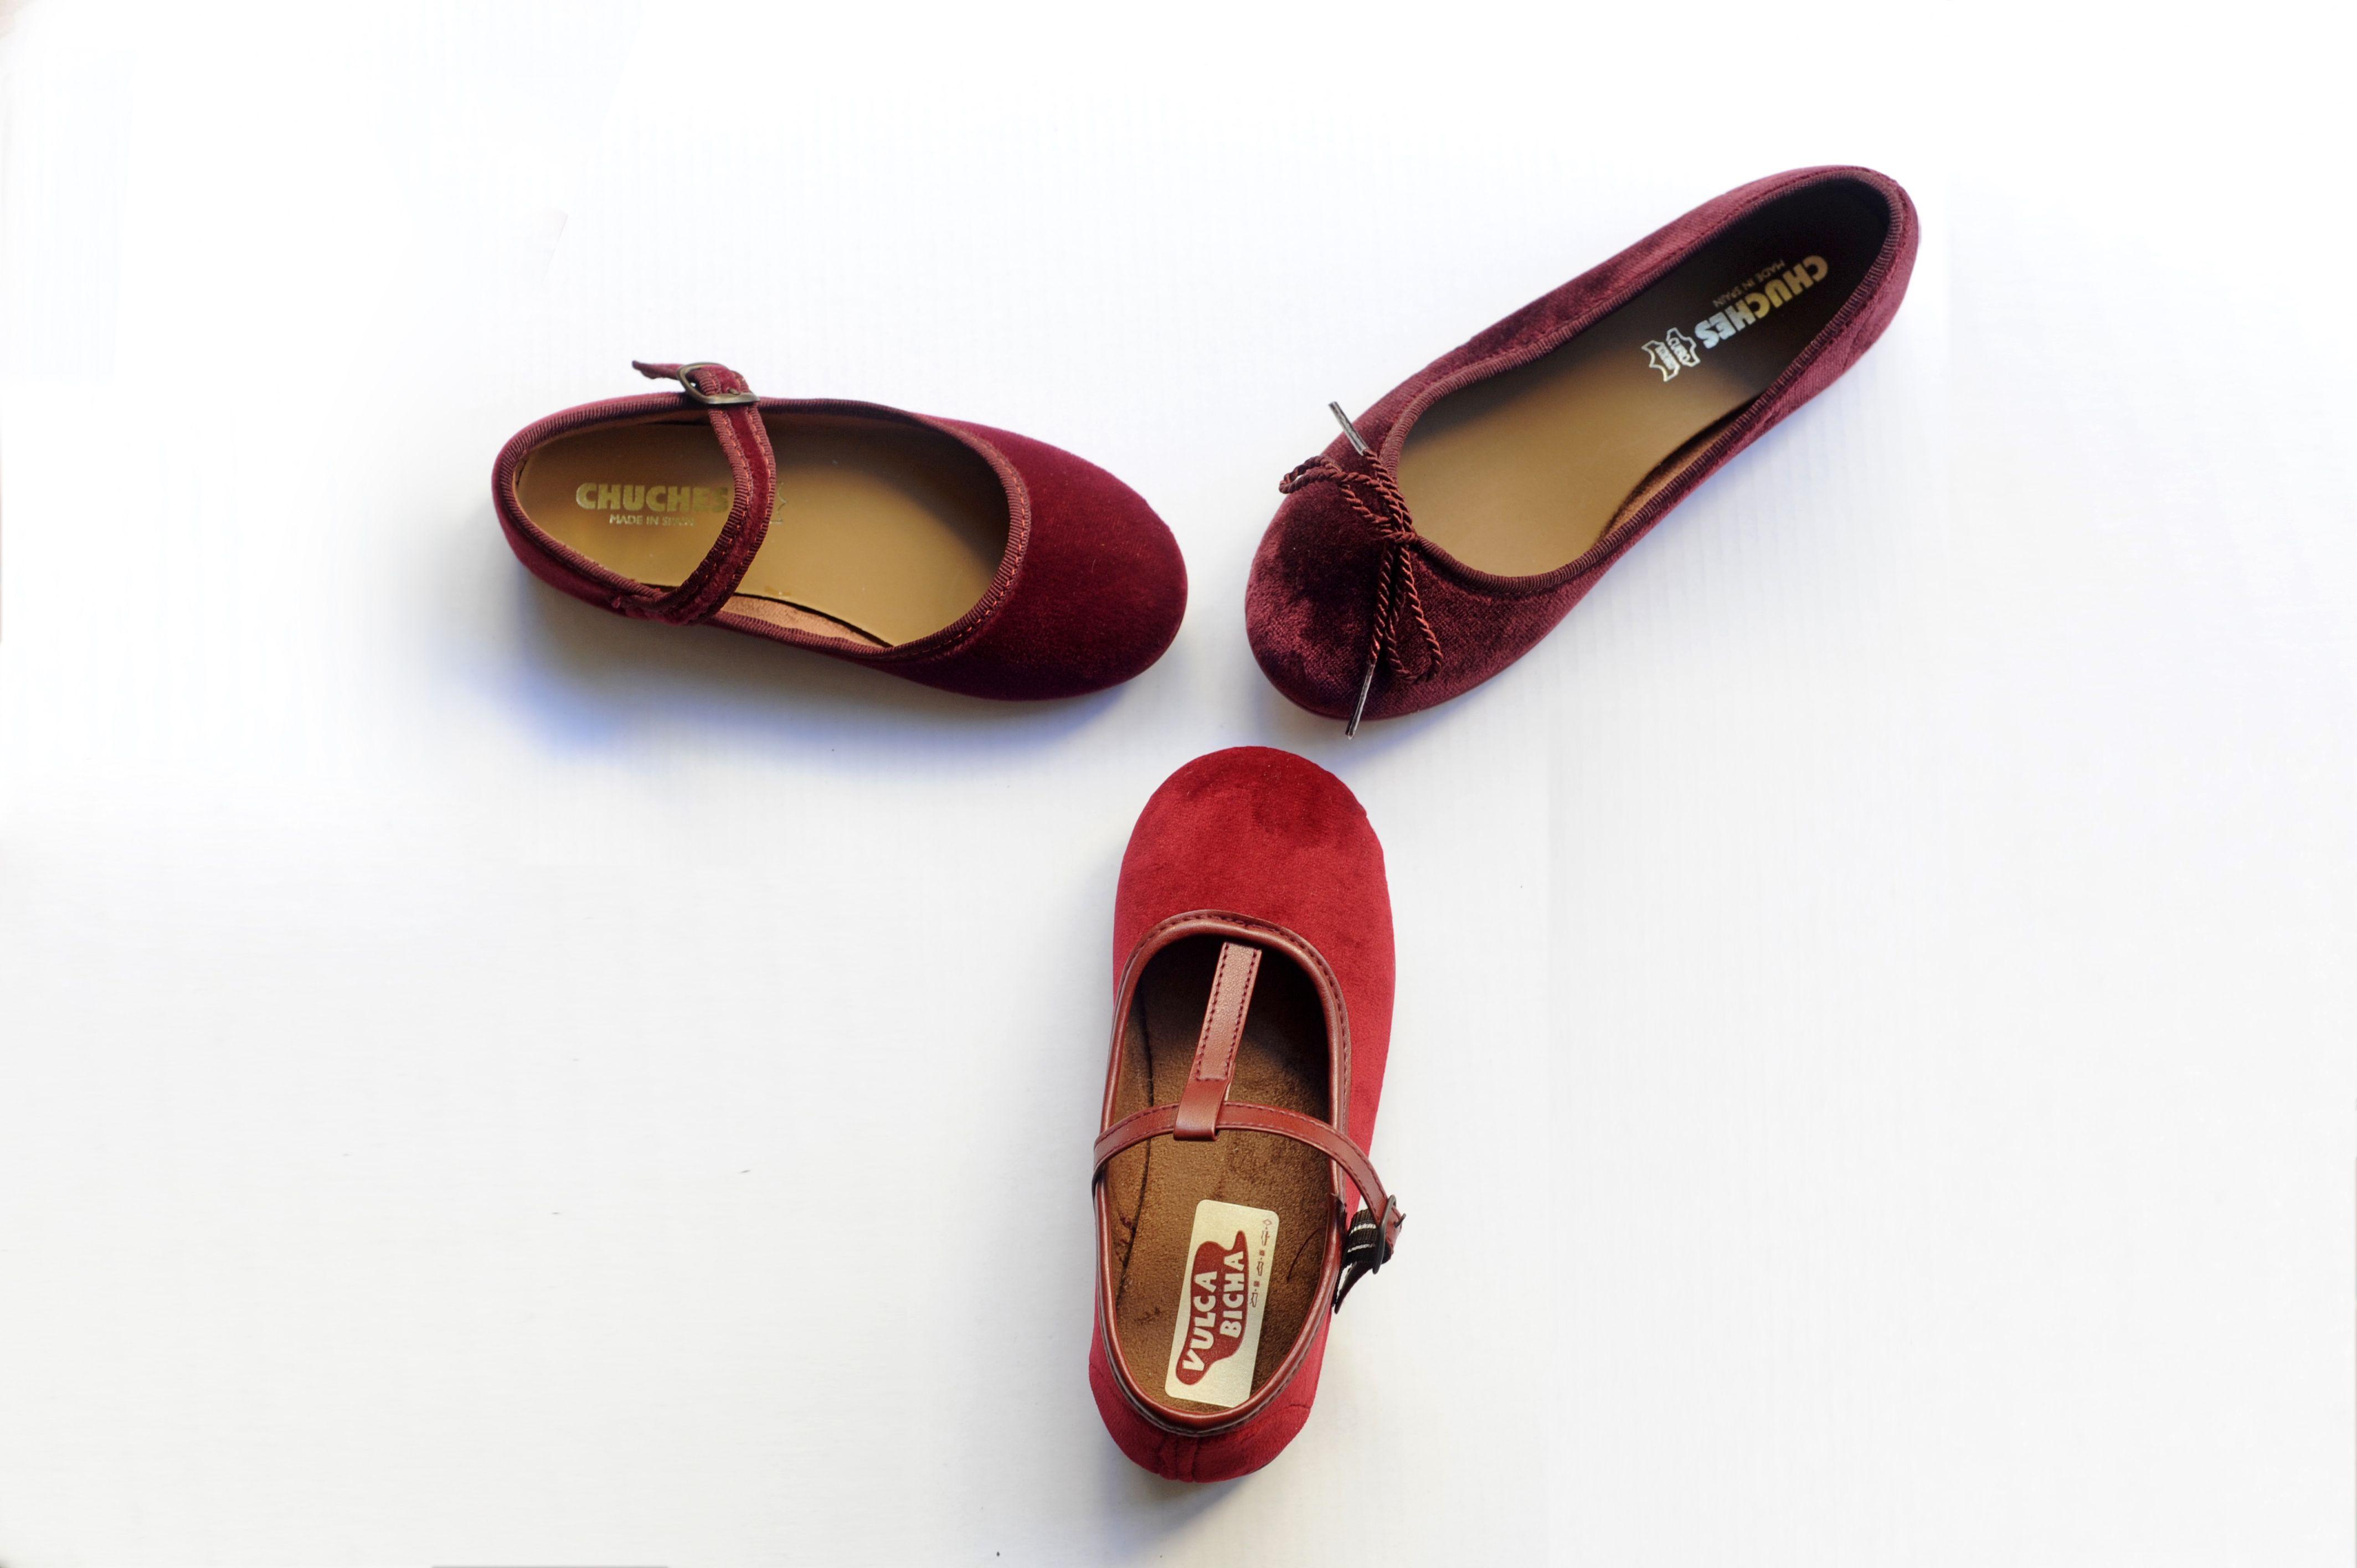 Diseños modernos en calzados infantiles